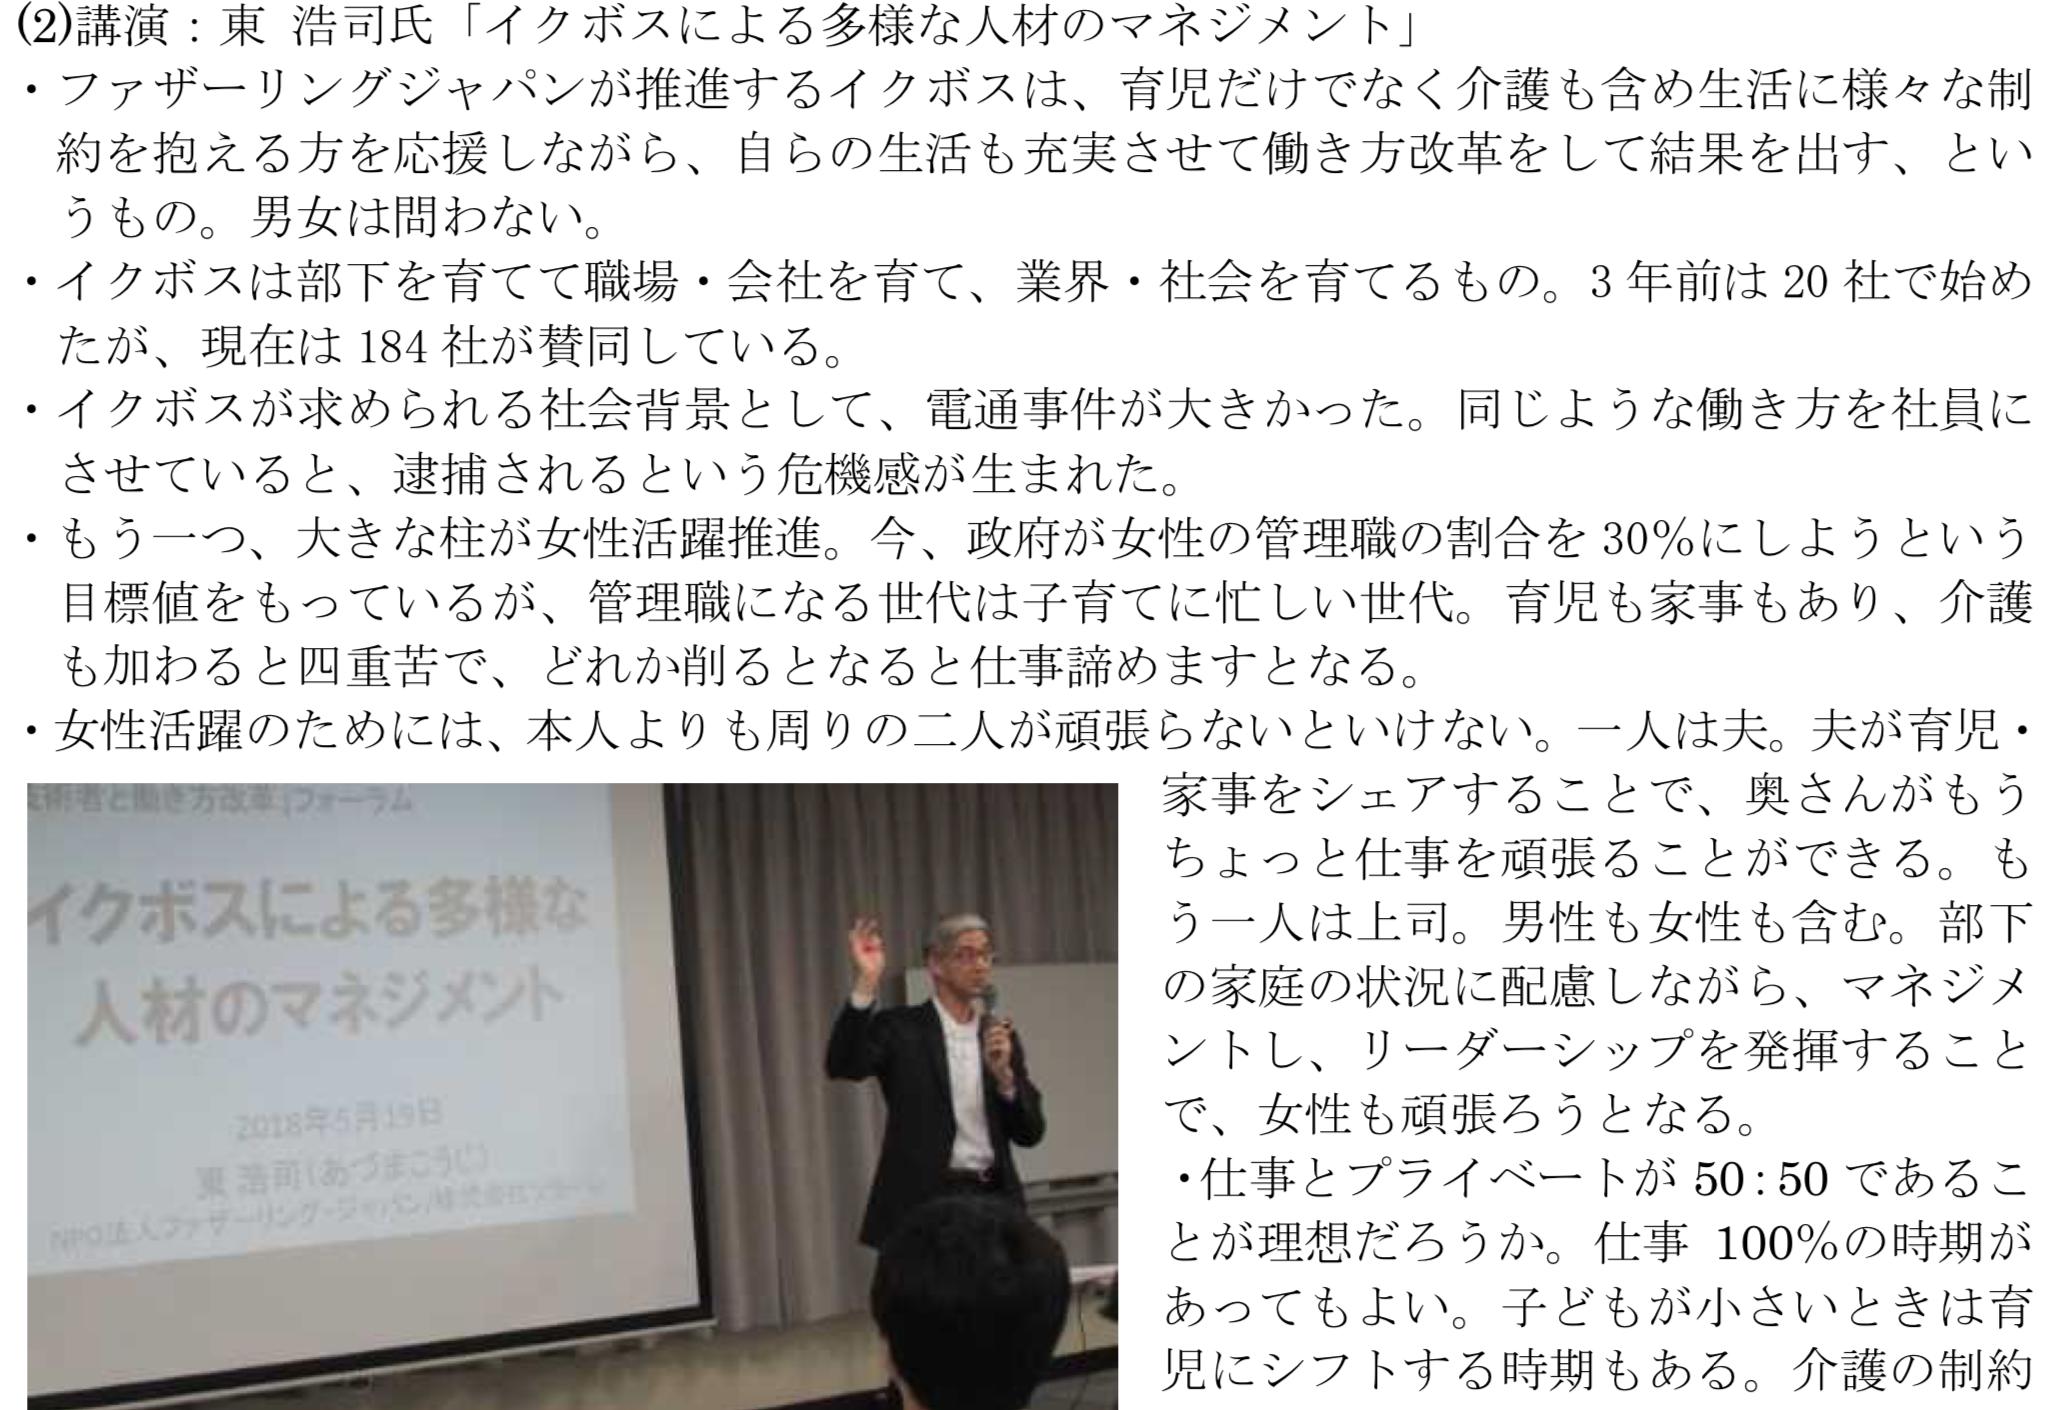 日本技術士会のWEBサイトにイクボス講演のレポートがアップされました。